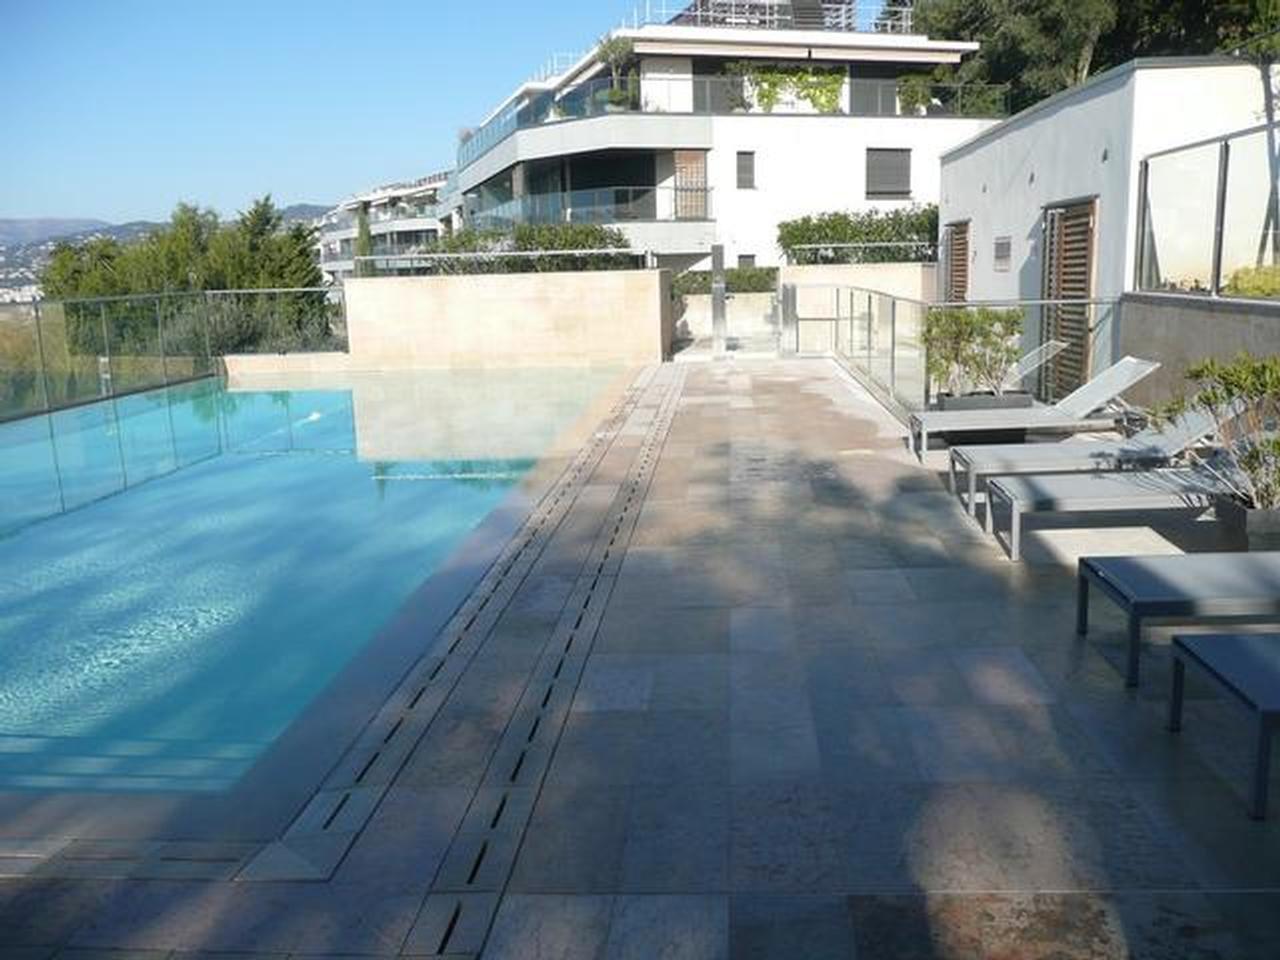 Mont boron / residence de luxe / 5 pieces / stationnements